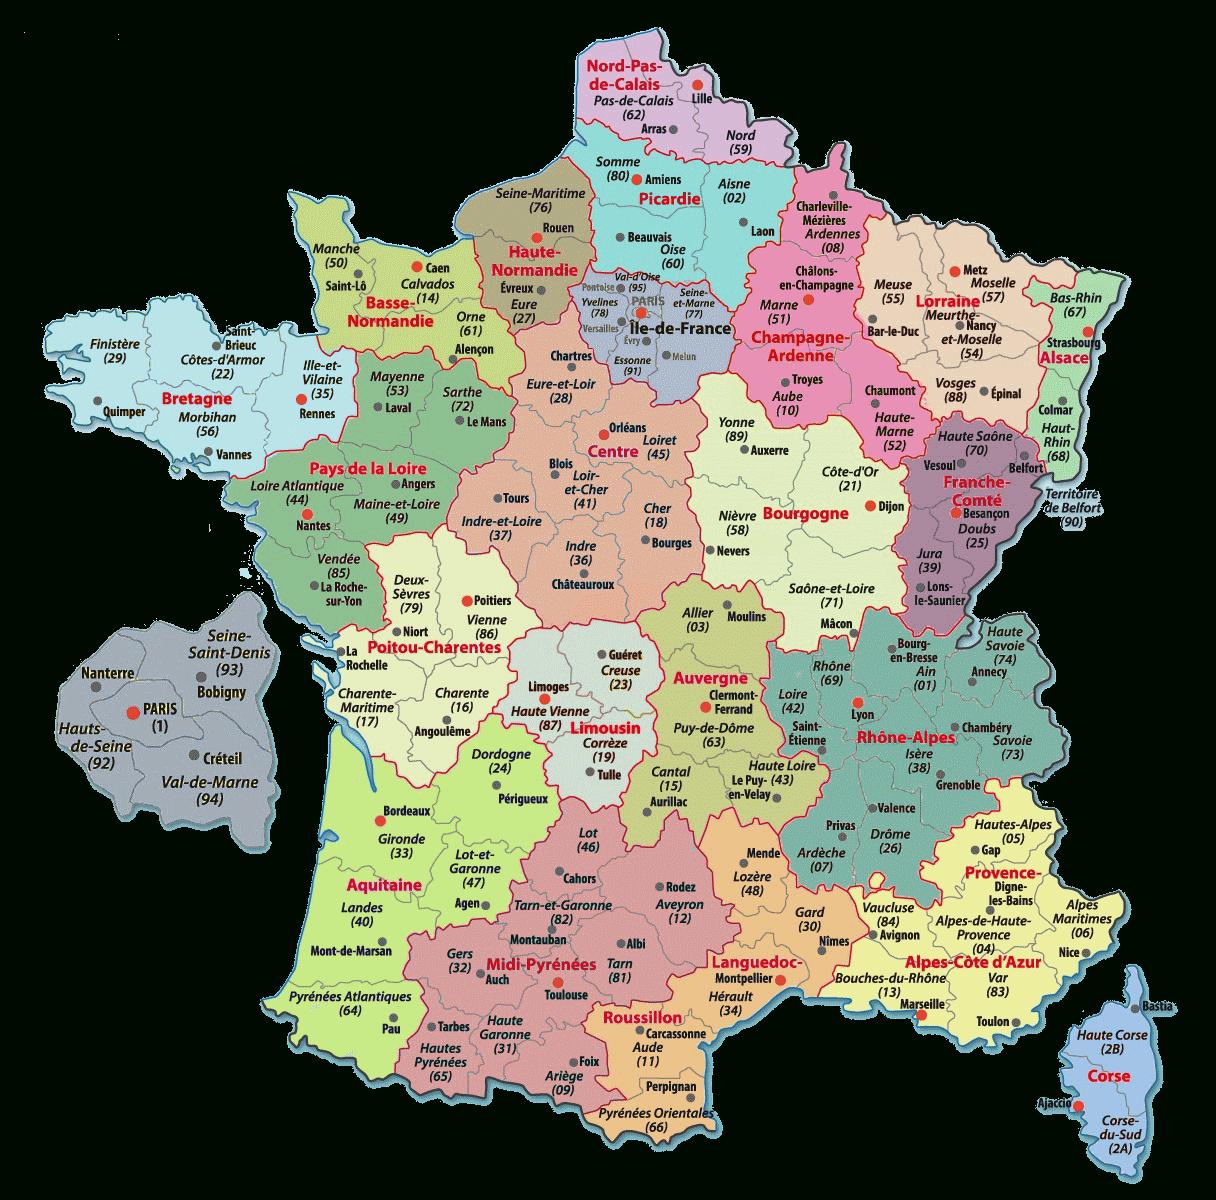 Carte De France Departements : Carte Des Départements De France à Ile De France Département Numéro